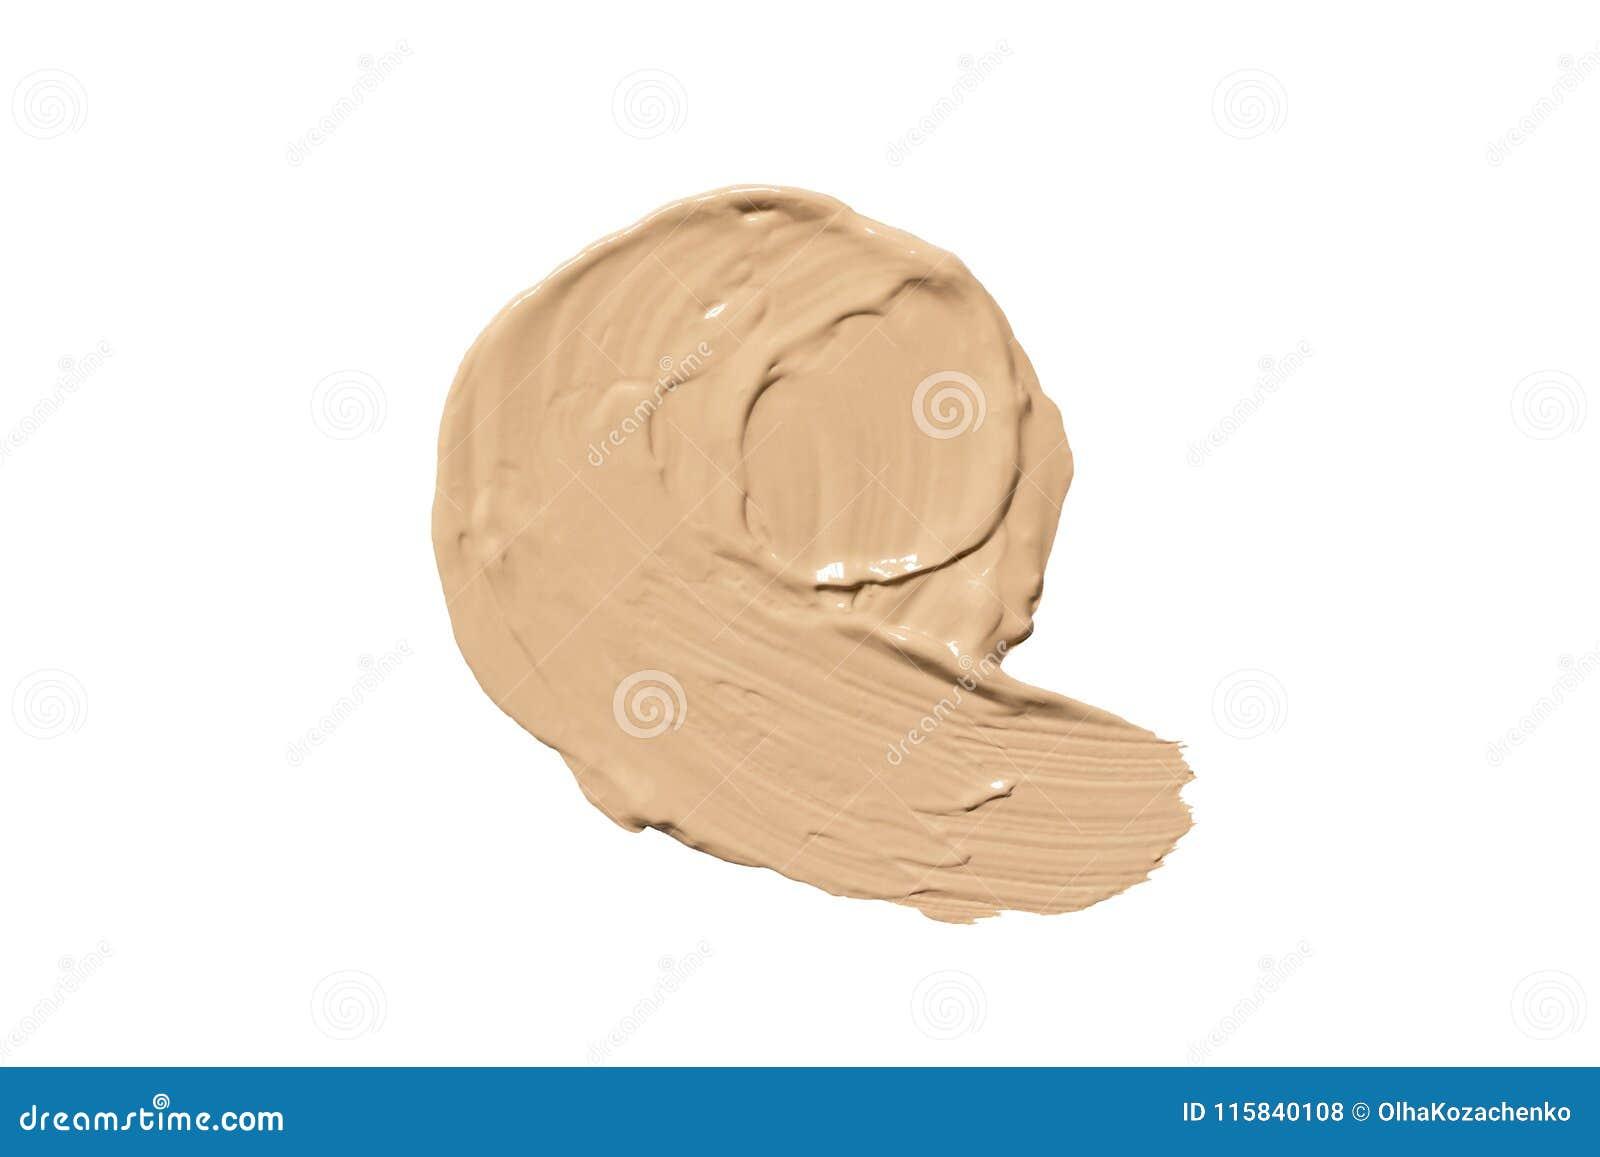 Fundament för framsida Fläck av CC-kräm eller BBkräm Sminkprodukt